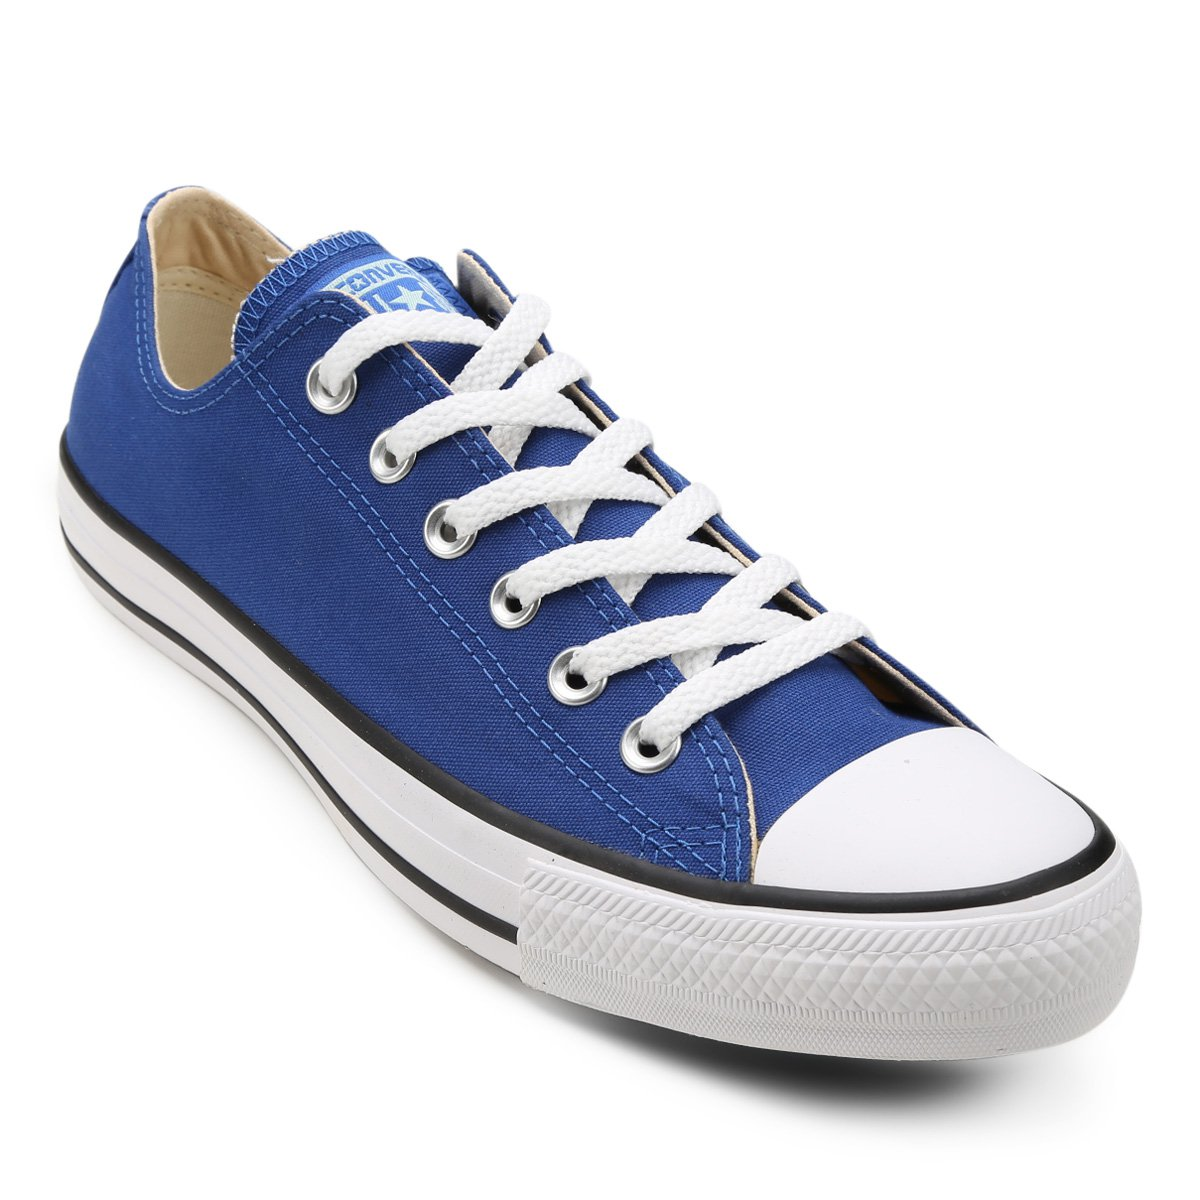 a7443b4efe Tênis Converse Chuck Taylor All Star - Azul e Branco - Compre Agora ...